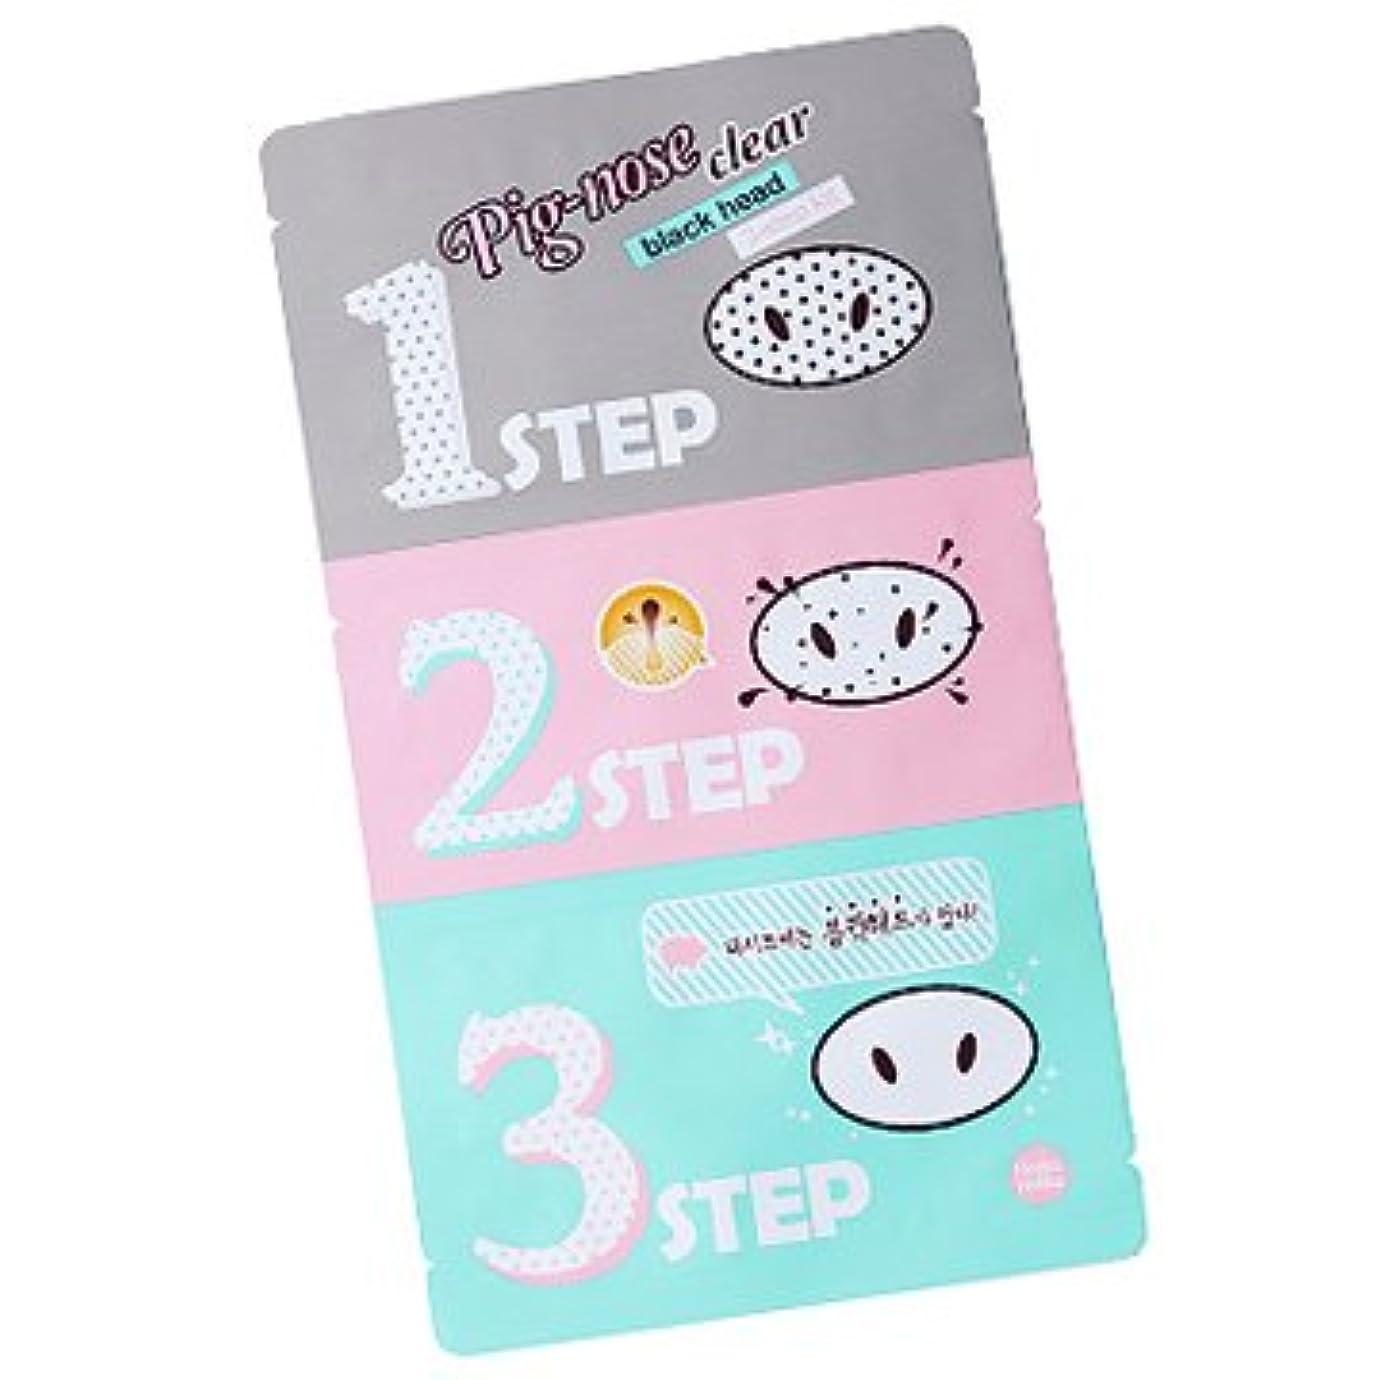 ハプニングはぁ南東Holika Holika Pig Nose Clear Black Head 3-Step Kit 3EA (Nose Pack) ホリカホリカ ピグノーズクリアブラックヘッド3-Stepキット(鼻パック) 3pcs [並行輸入品]